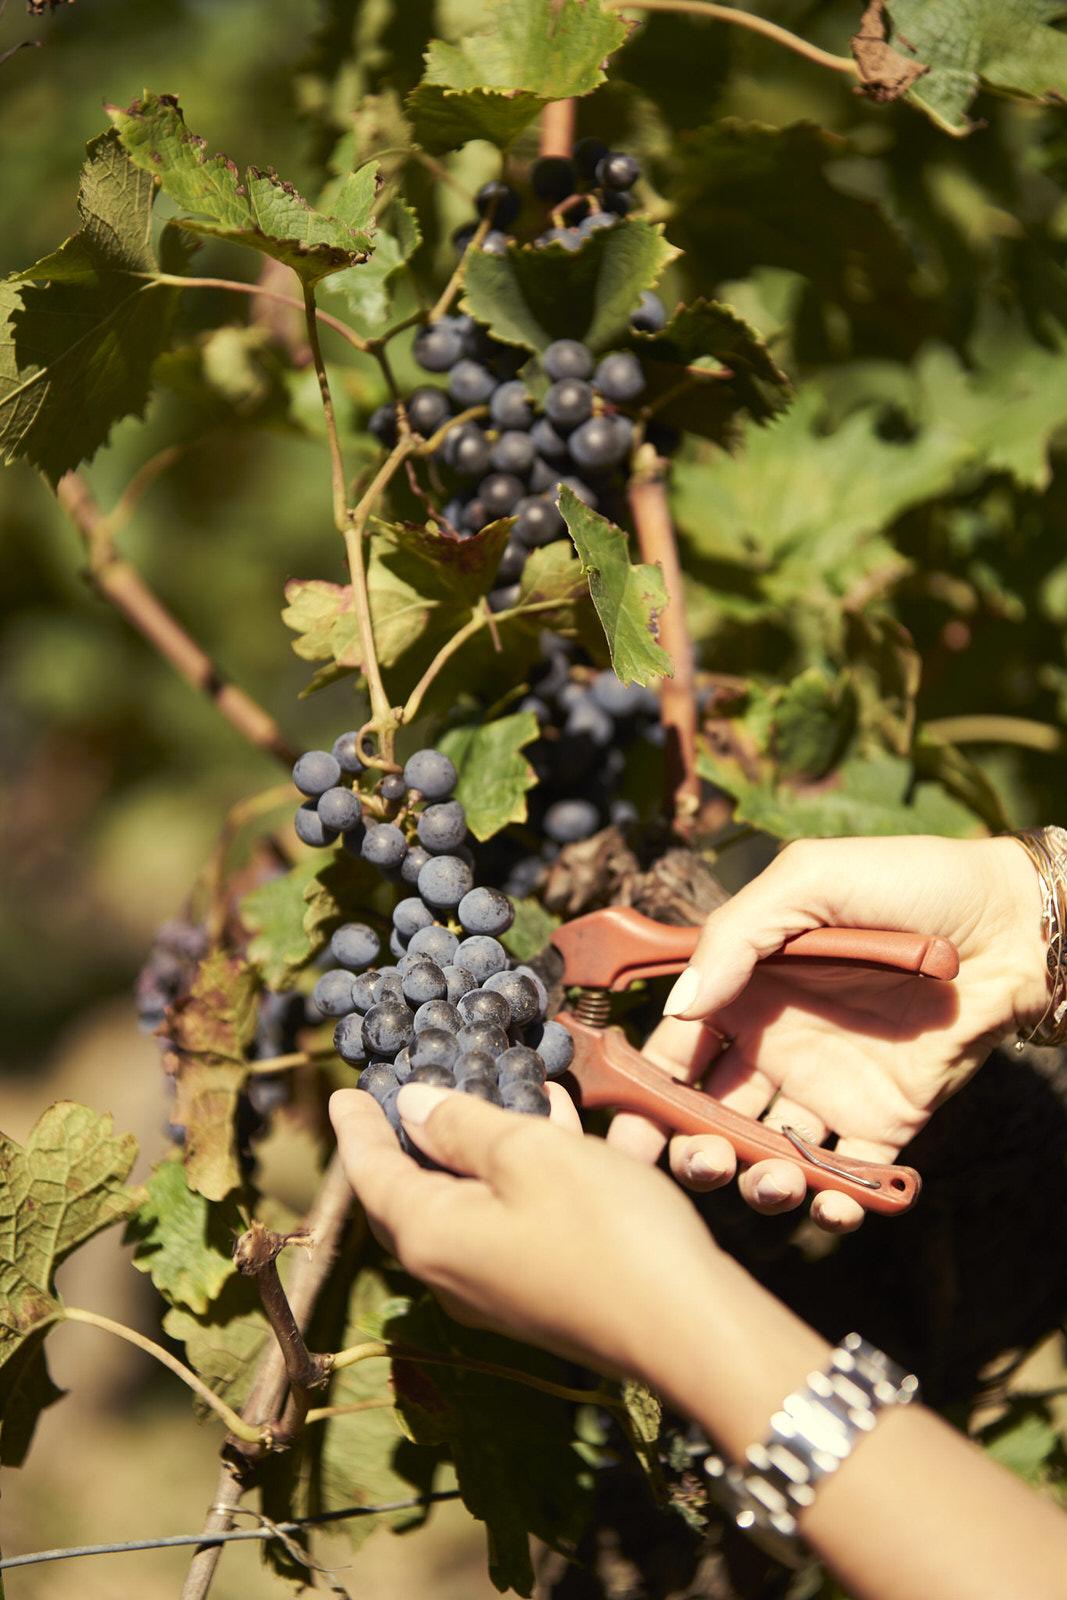 Reportage photo - Domaine viticole 5